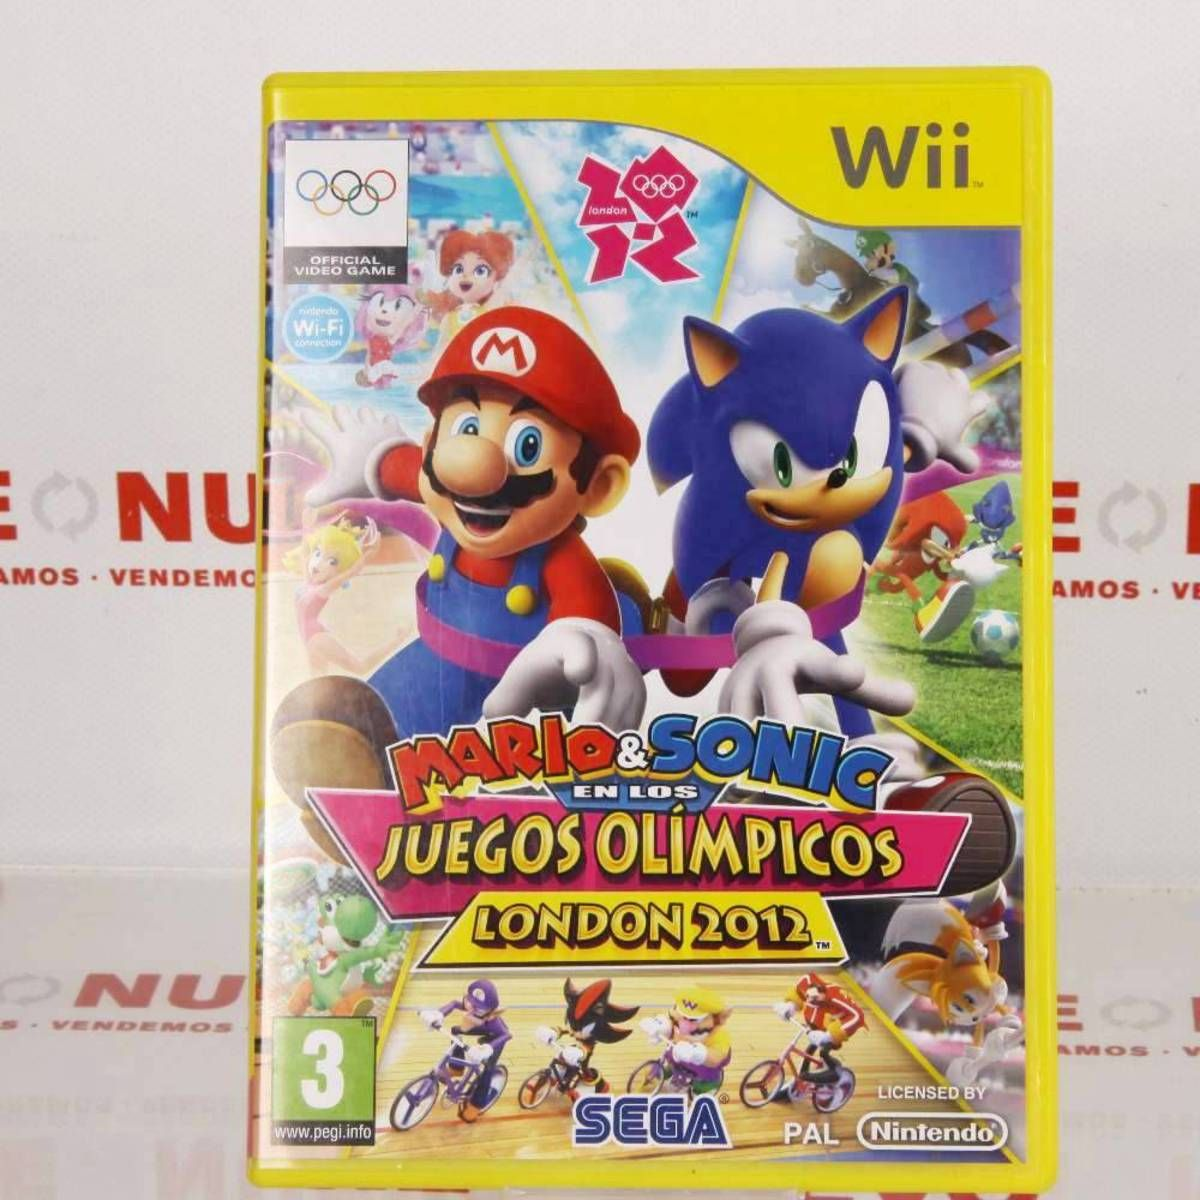 Juego Mario Sonic Juegos Olimpicos Para Wii E271903 Juego Mario